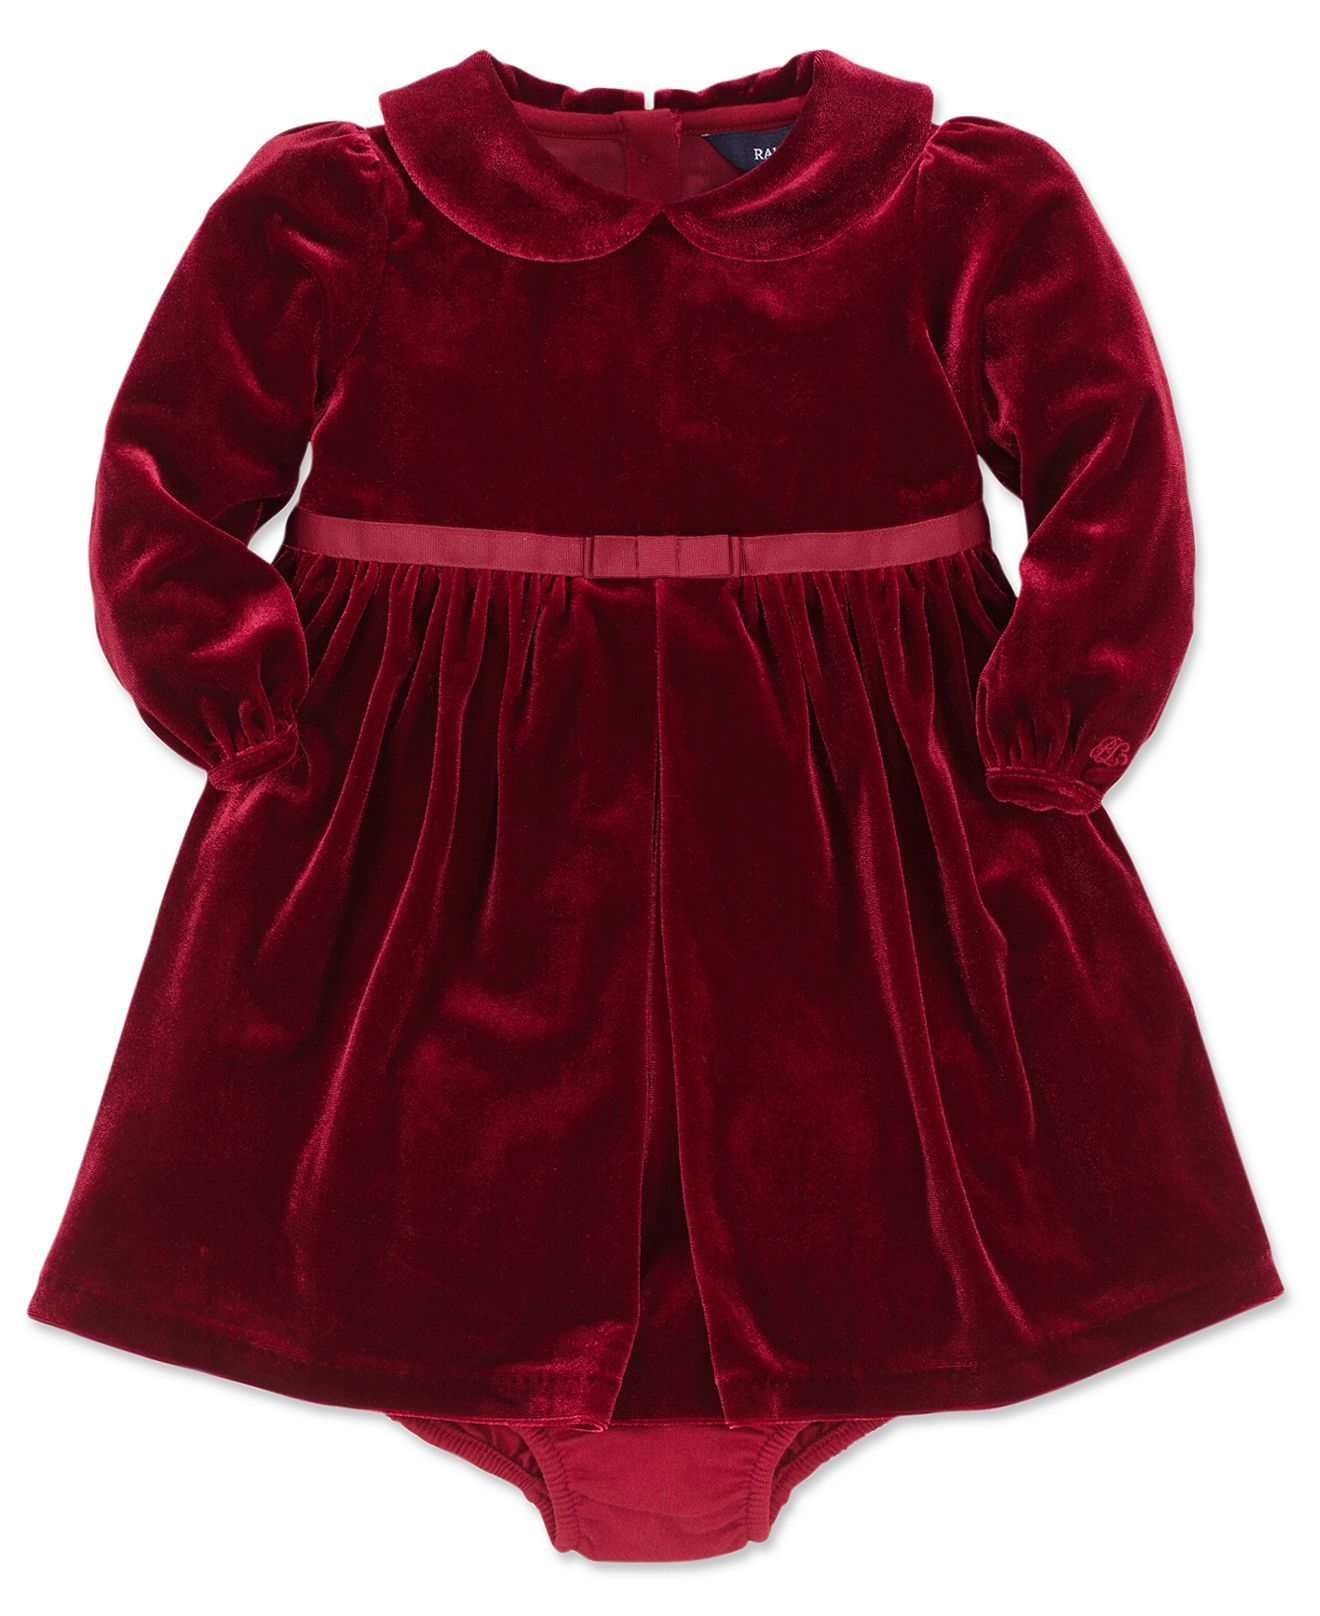 Ralph Lauren Baby Girls Dress, Baby Girls Velvet Dress - Kids Girls Dresses - Macys  For